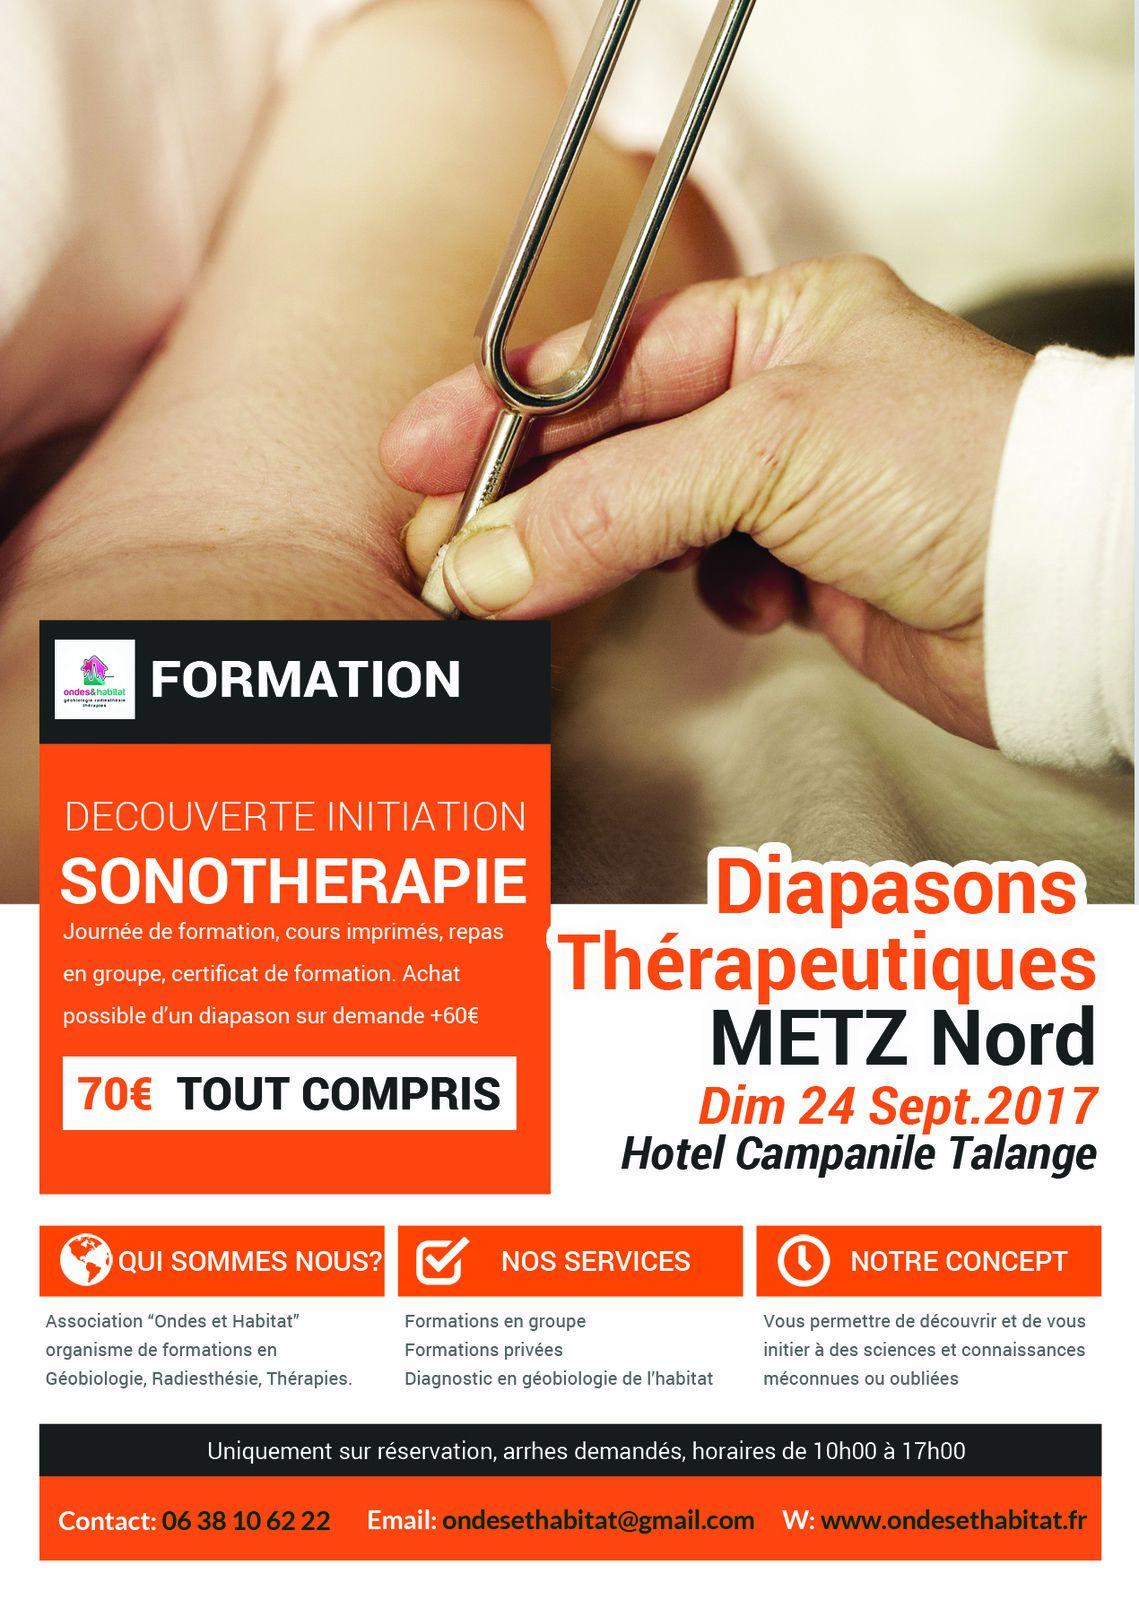 """METZ SONOTHERAPIE : """"DIAPASONS Thérapeutiques, soigner le corps et l'âme"""" Dim. 24 septembre."""